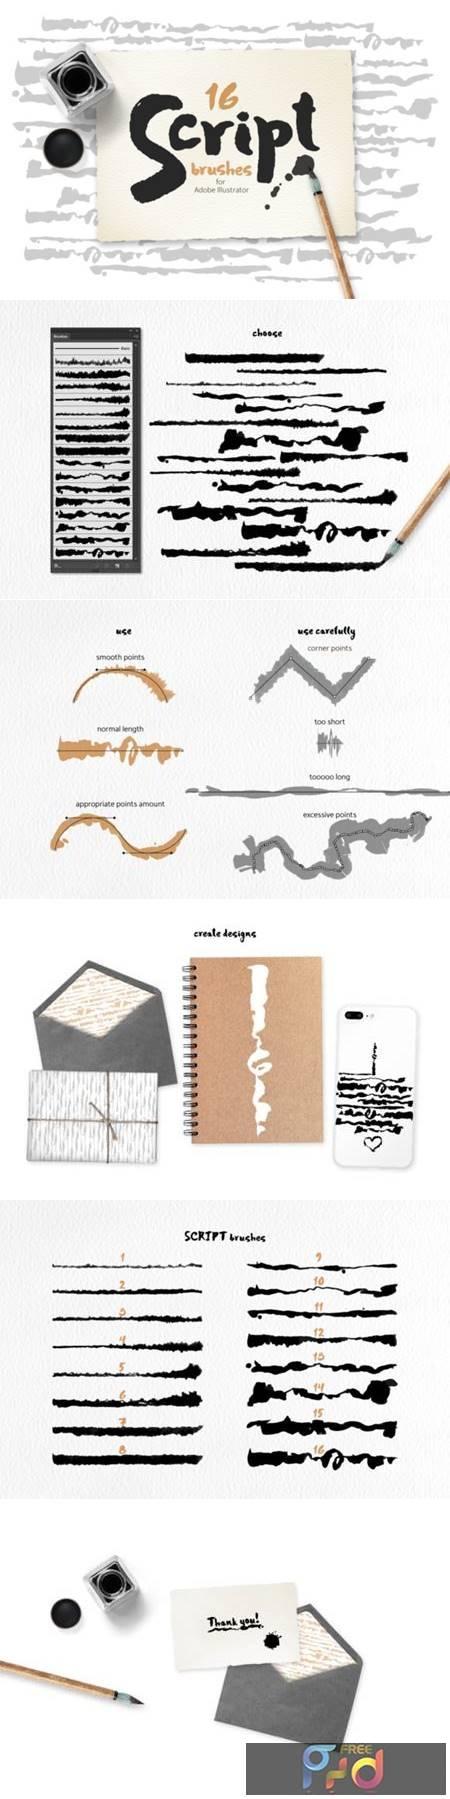 Script Brushes for Illustrator 6797573 1